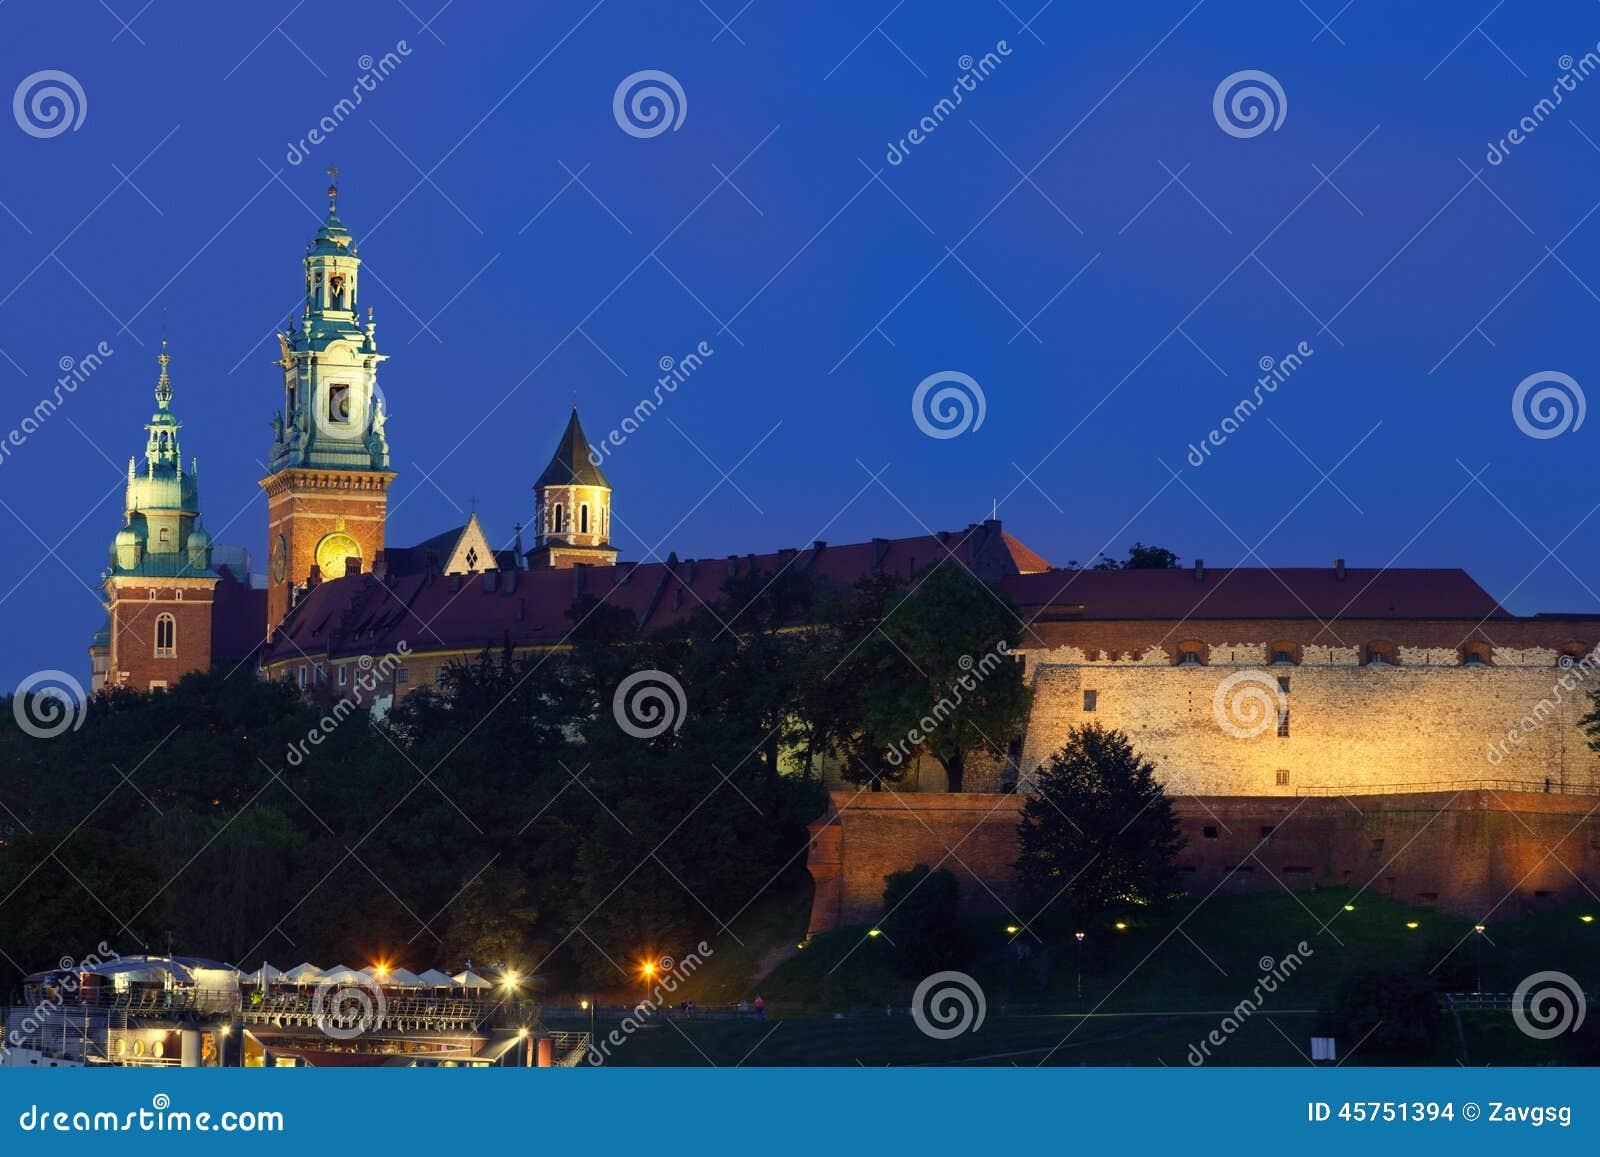 Wawel è un complesso architettonico fortificato eretto sulla b sinistra